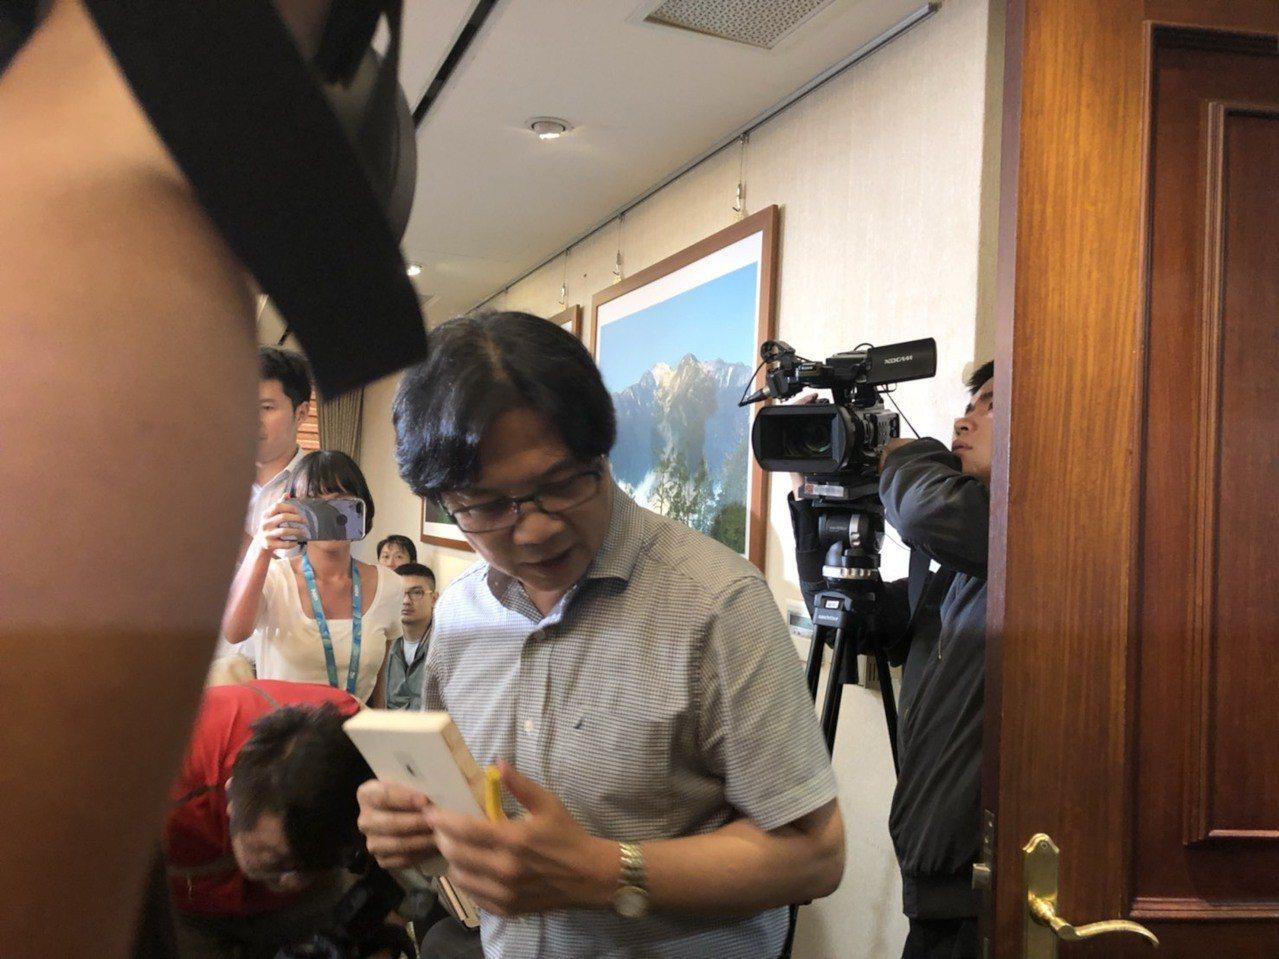 內政部長葉俊榮即將接任教育部長,舉行記者會11分鐘就快閃。記者丘采薇/攝影